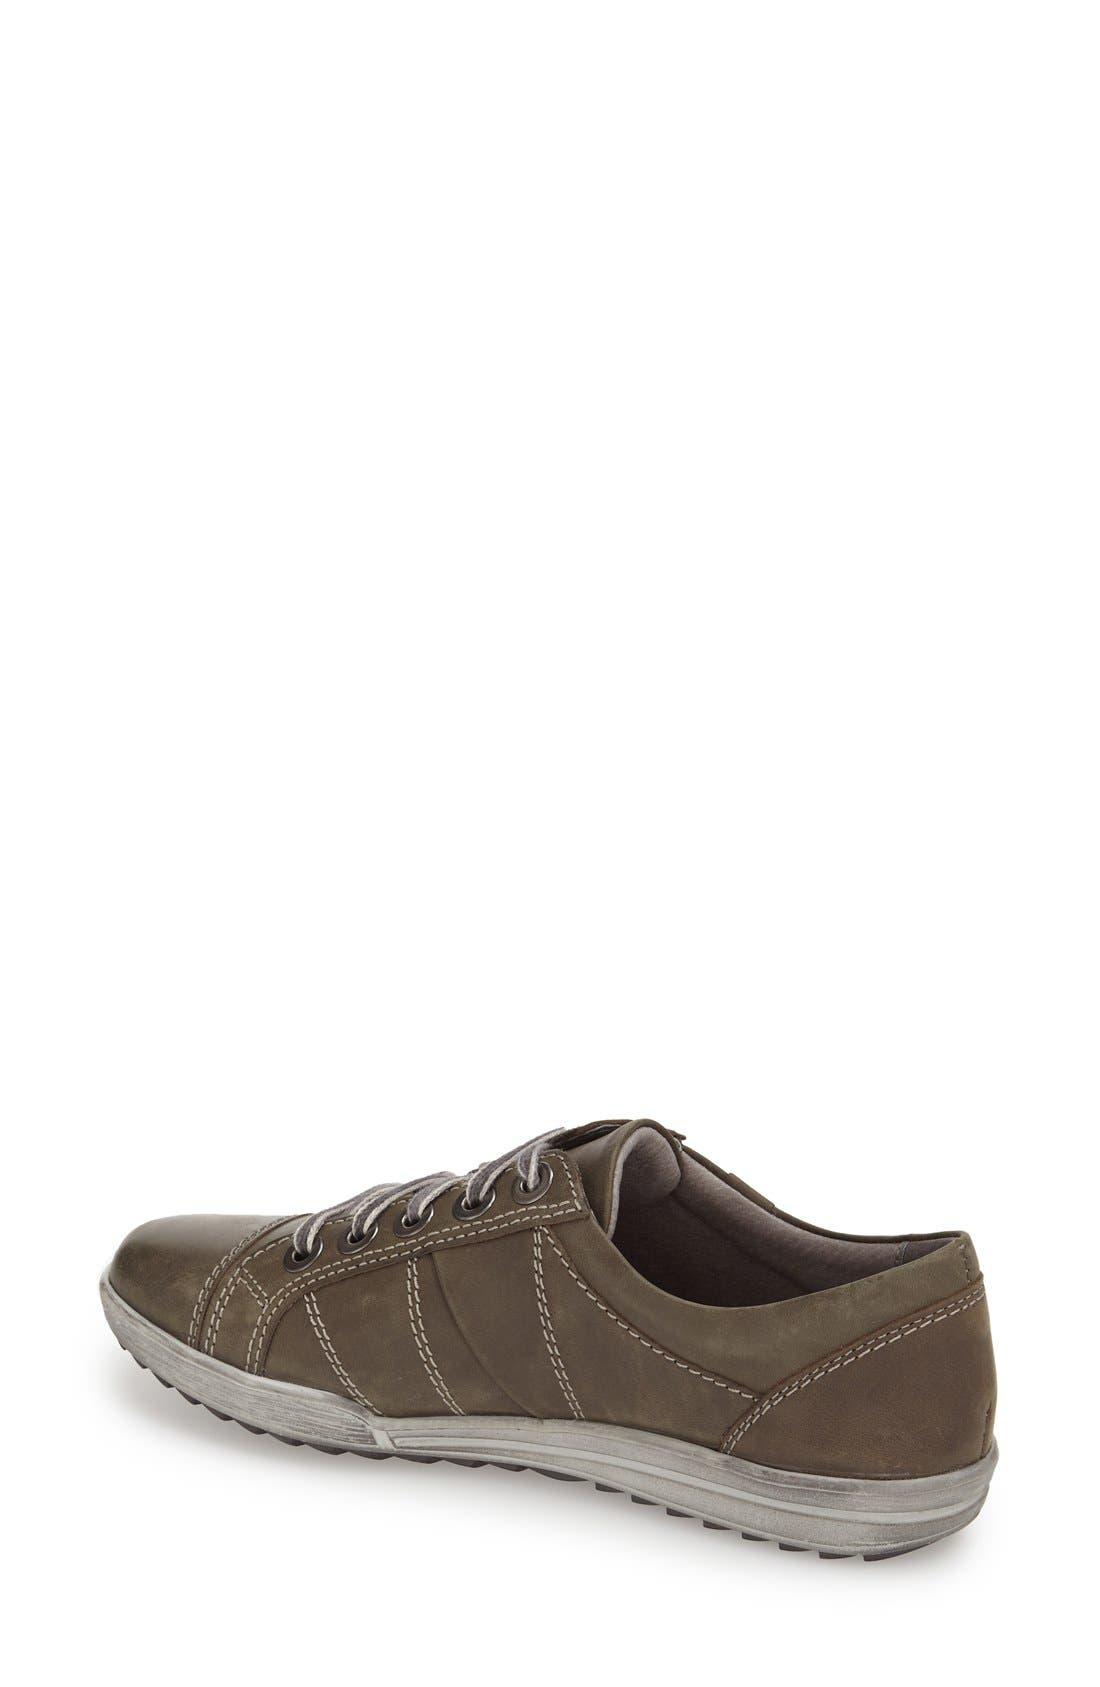 Alternate Image 2  - Josef Seibel 'Dany 05' Leather Sneaker (Women)